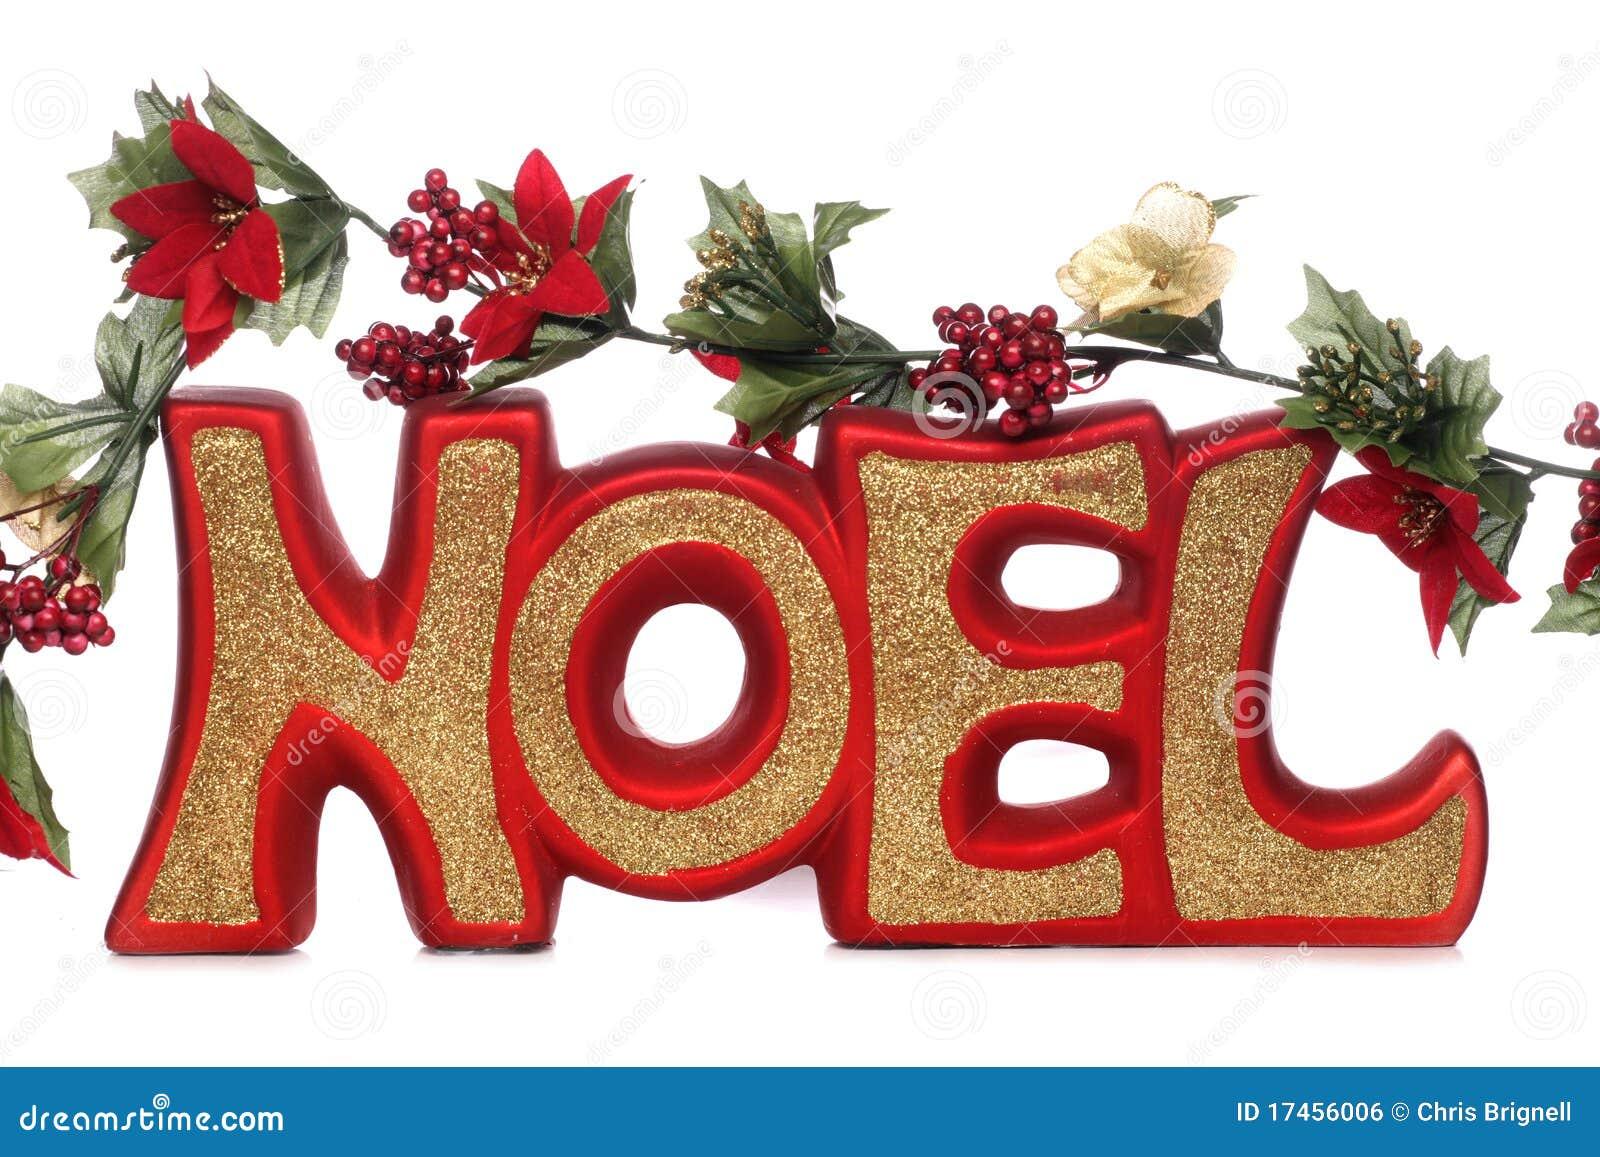 #AF1C1F Décoration De Noël De Noel Image Libre De Droits Image  6365 décoration noel découpage 1300x957 px @ aertt.com